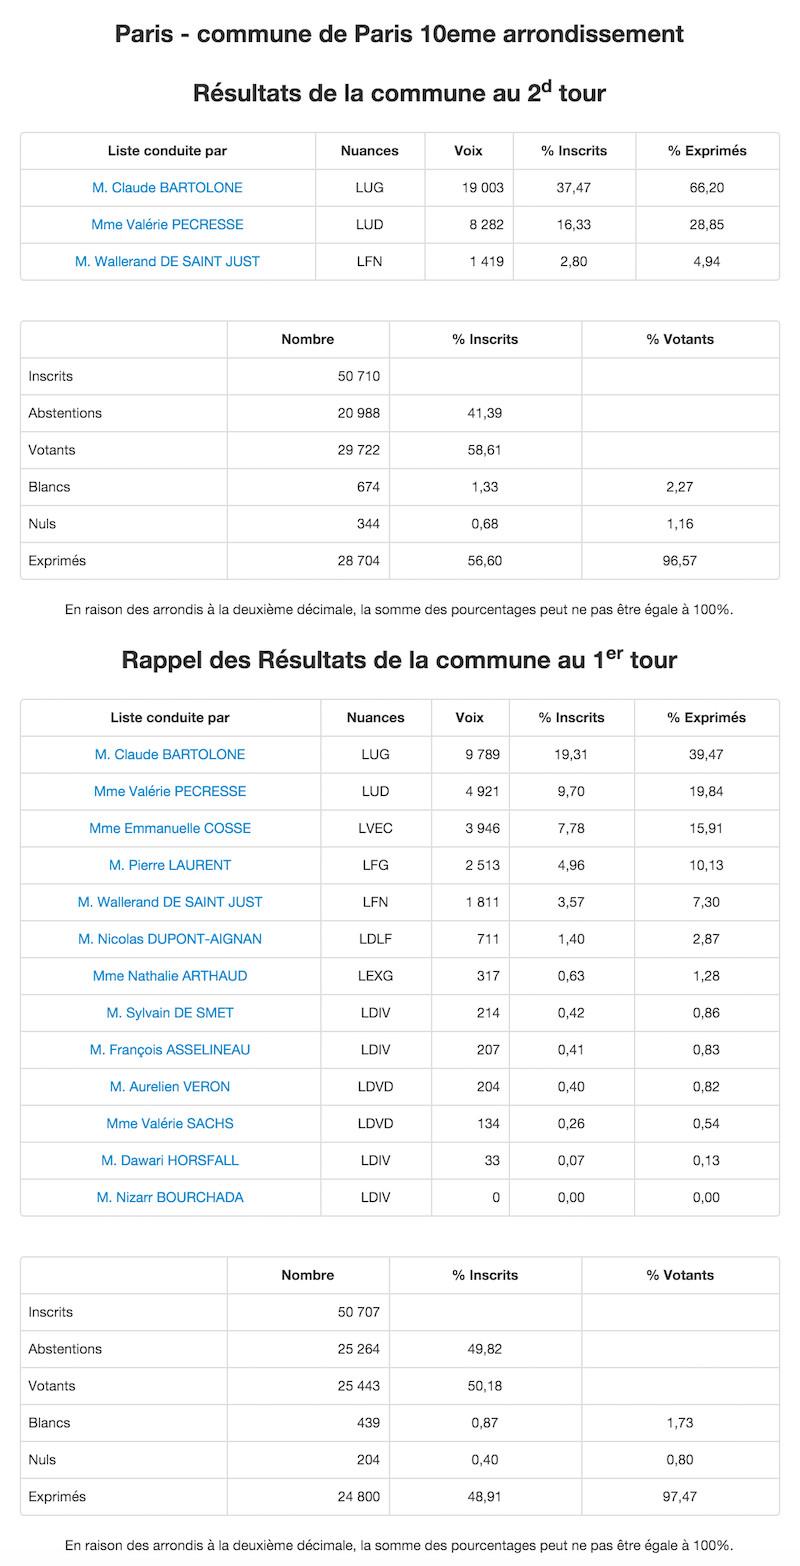 Régionales 2015 - 2nd et 1er tour dans le 10e arrondissement © Ministère de l'Intérieur